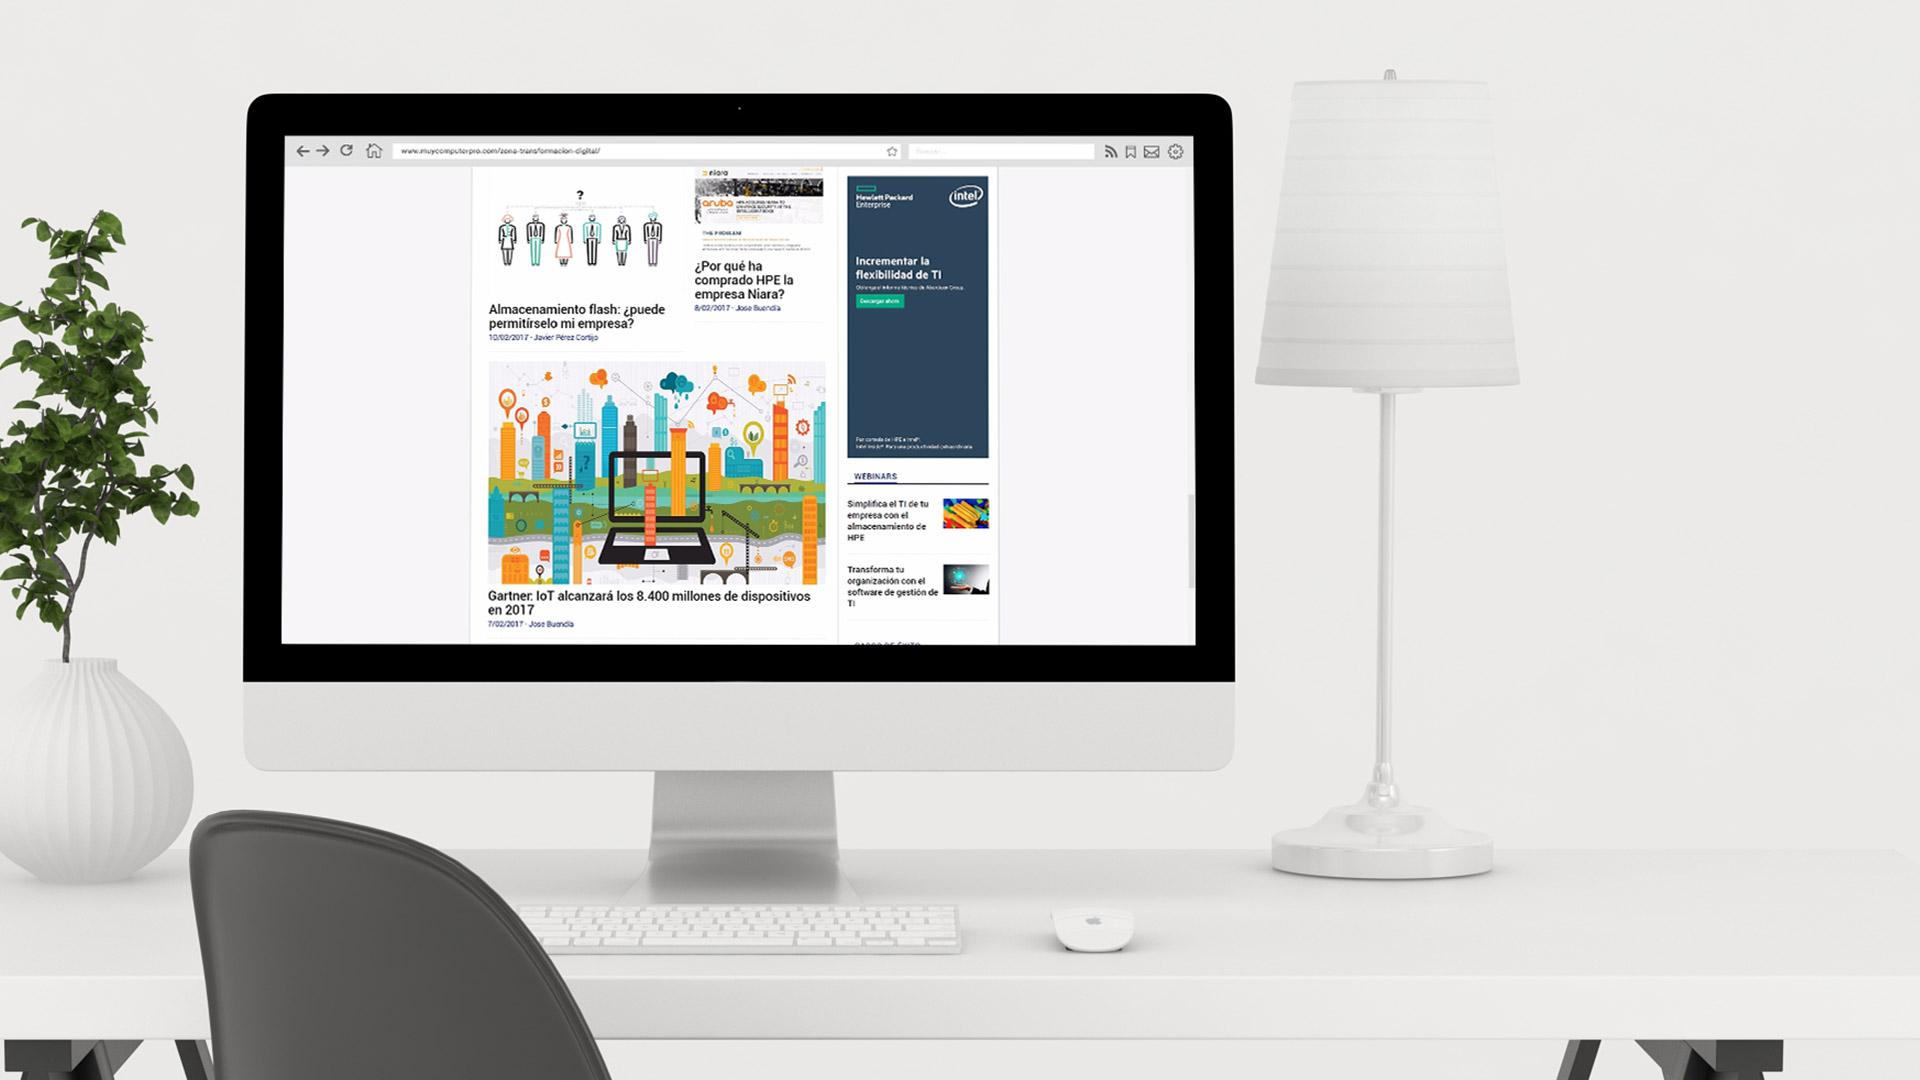 zona-hp-transformacion-digital-content-marketing-web-patrocinio-04